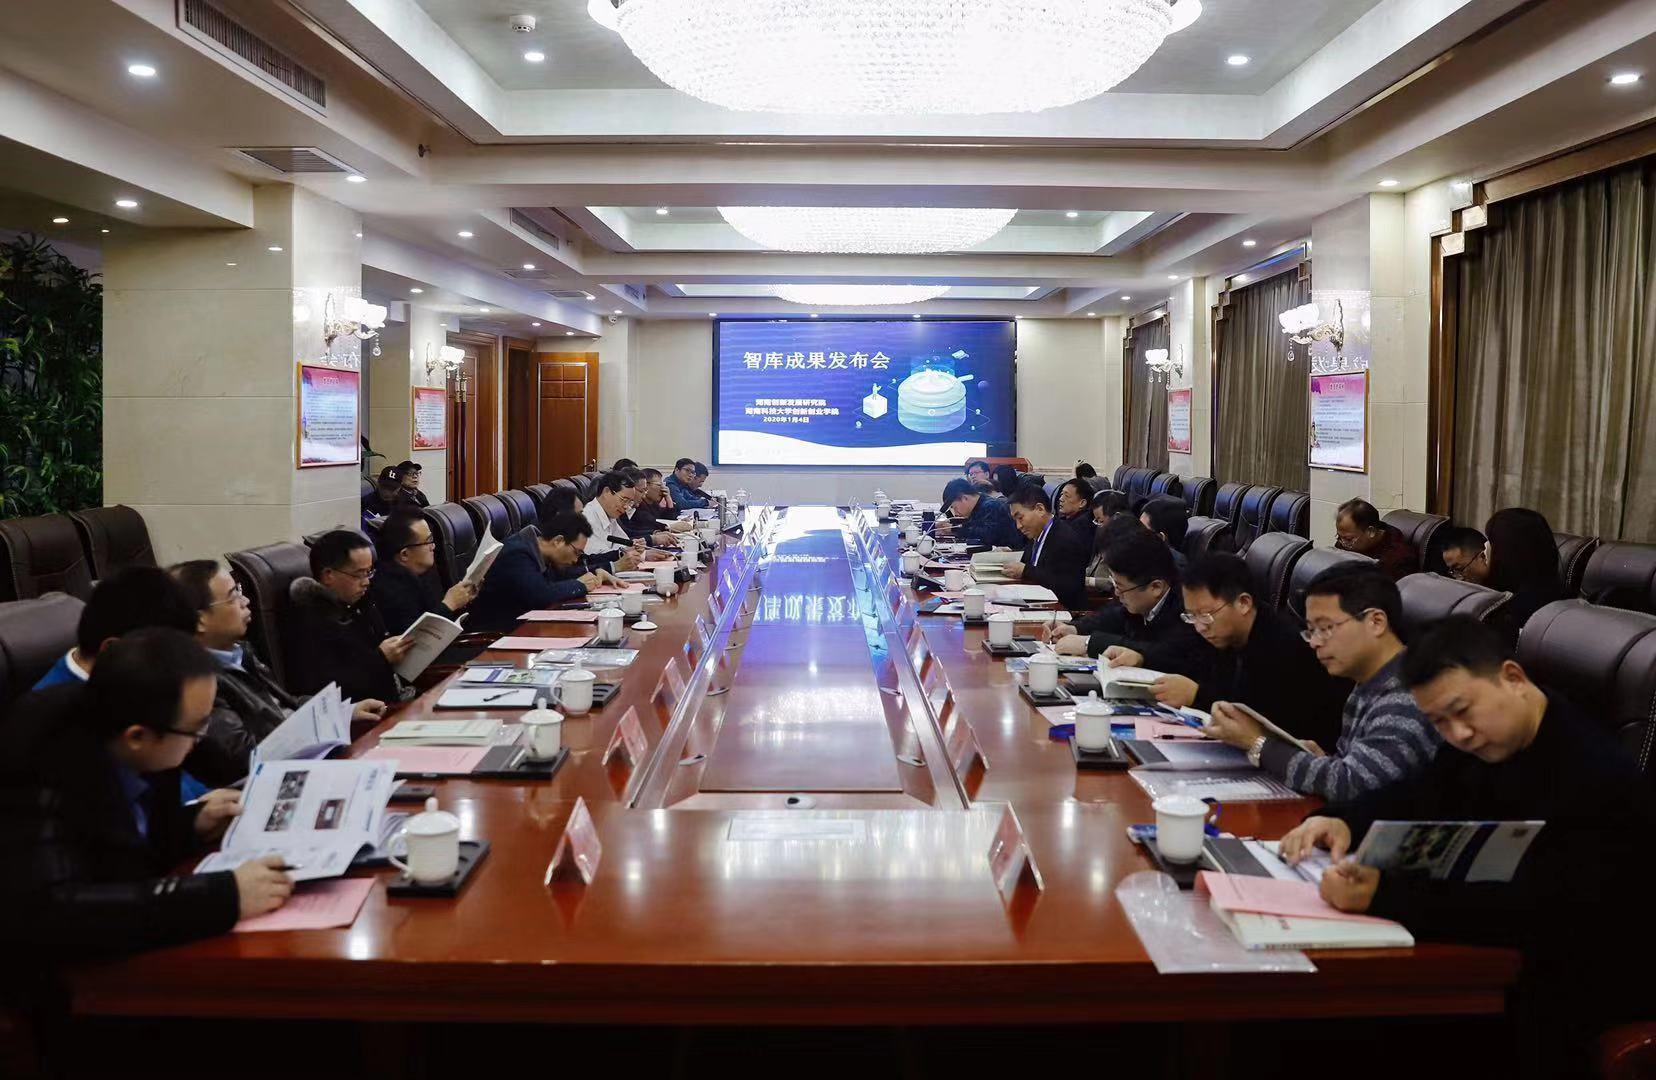 """湖南研究报告称:""""北上广深""""创新能力""""老大""""地位或打破"""